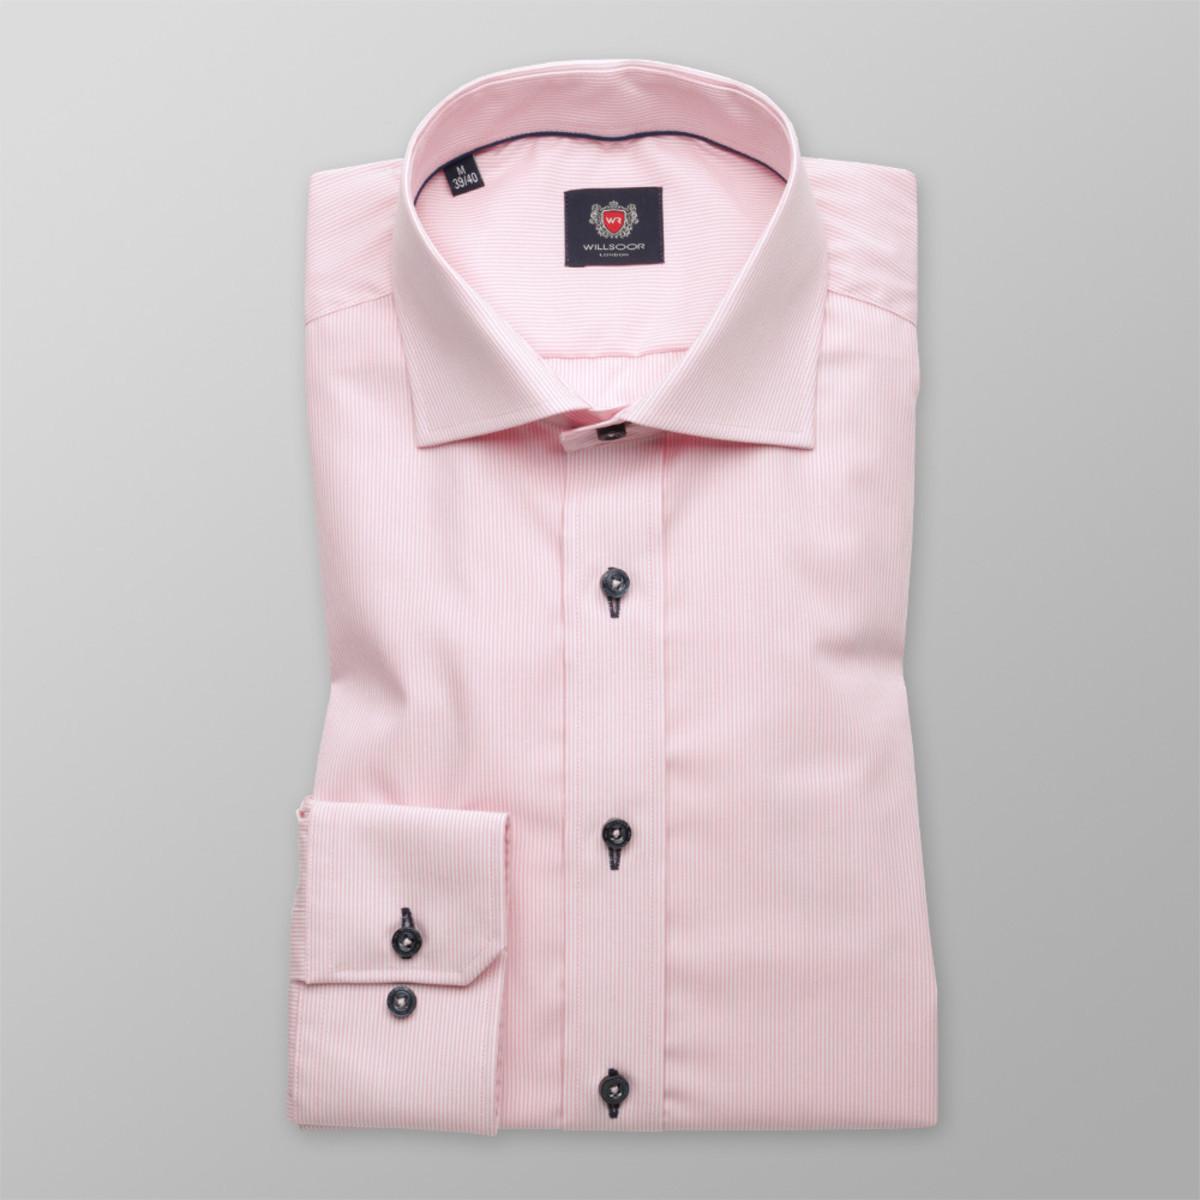 Pánská slim fit košile London (výška 176-182) 8745 v růžové barvě s úpravou 2W Plus 176-182 / M (39/40)